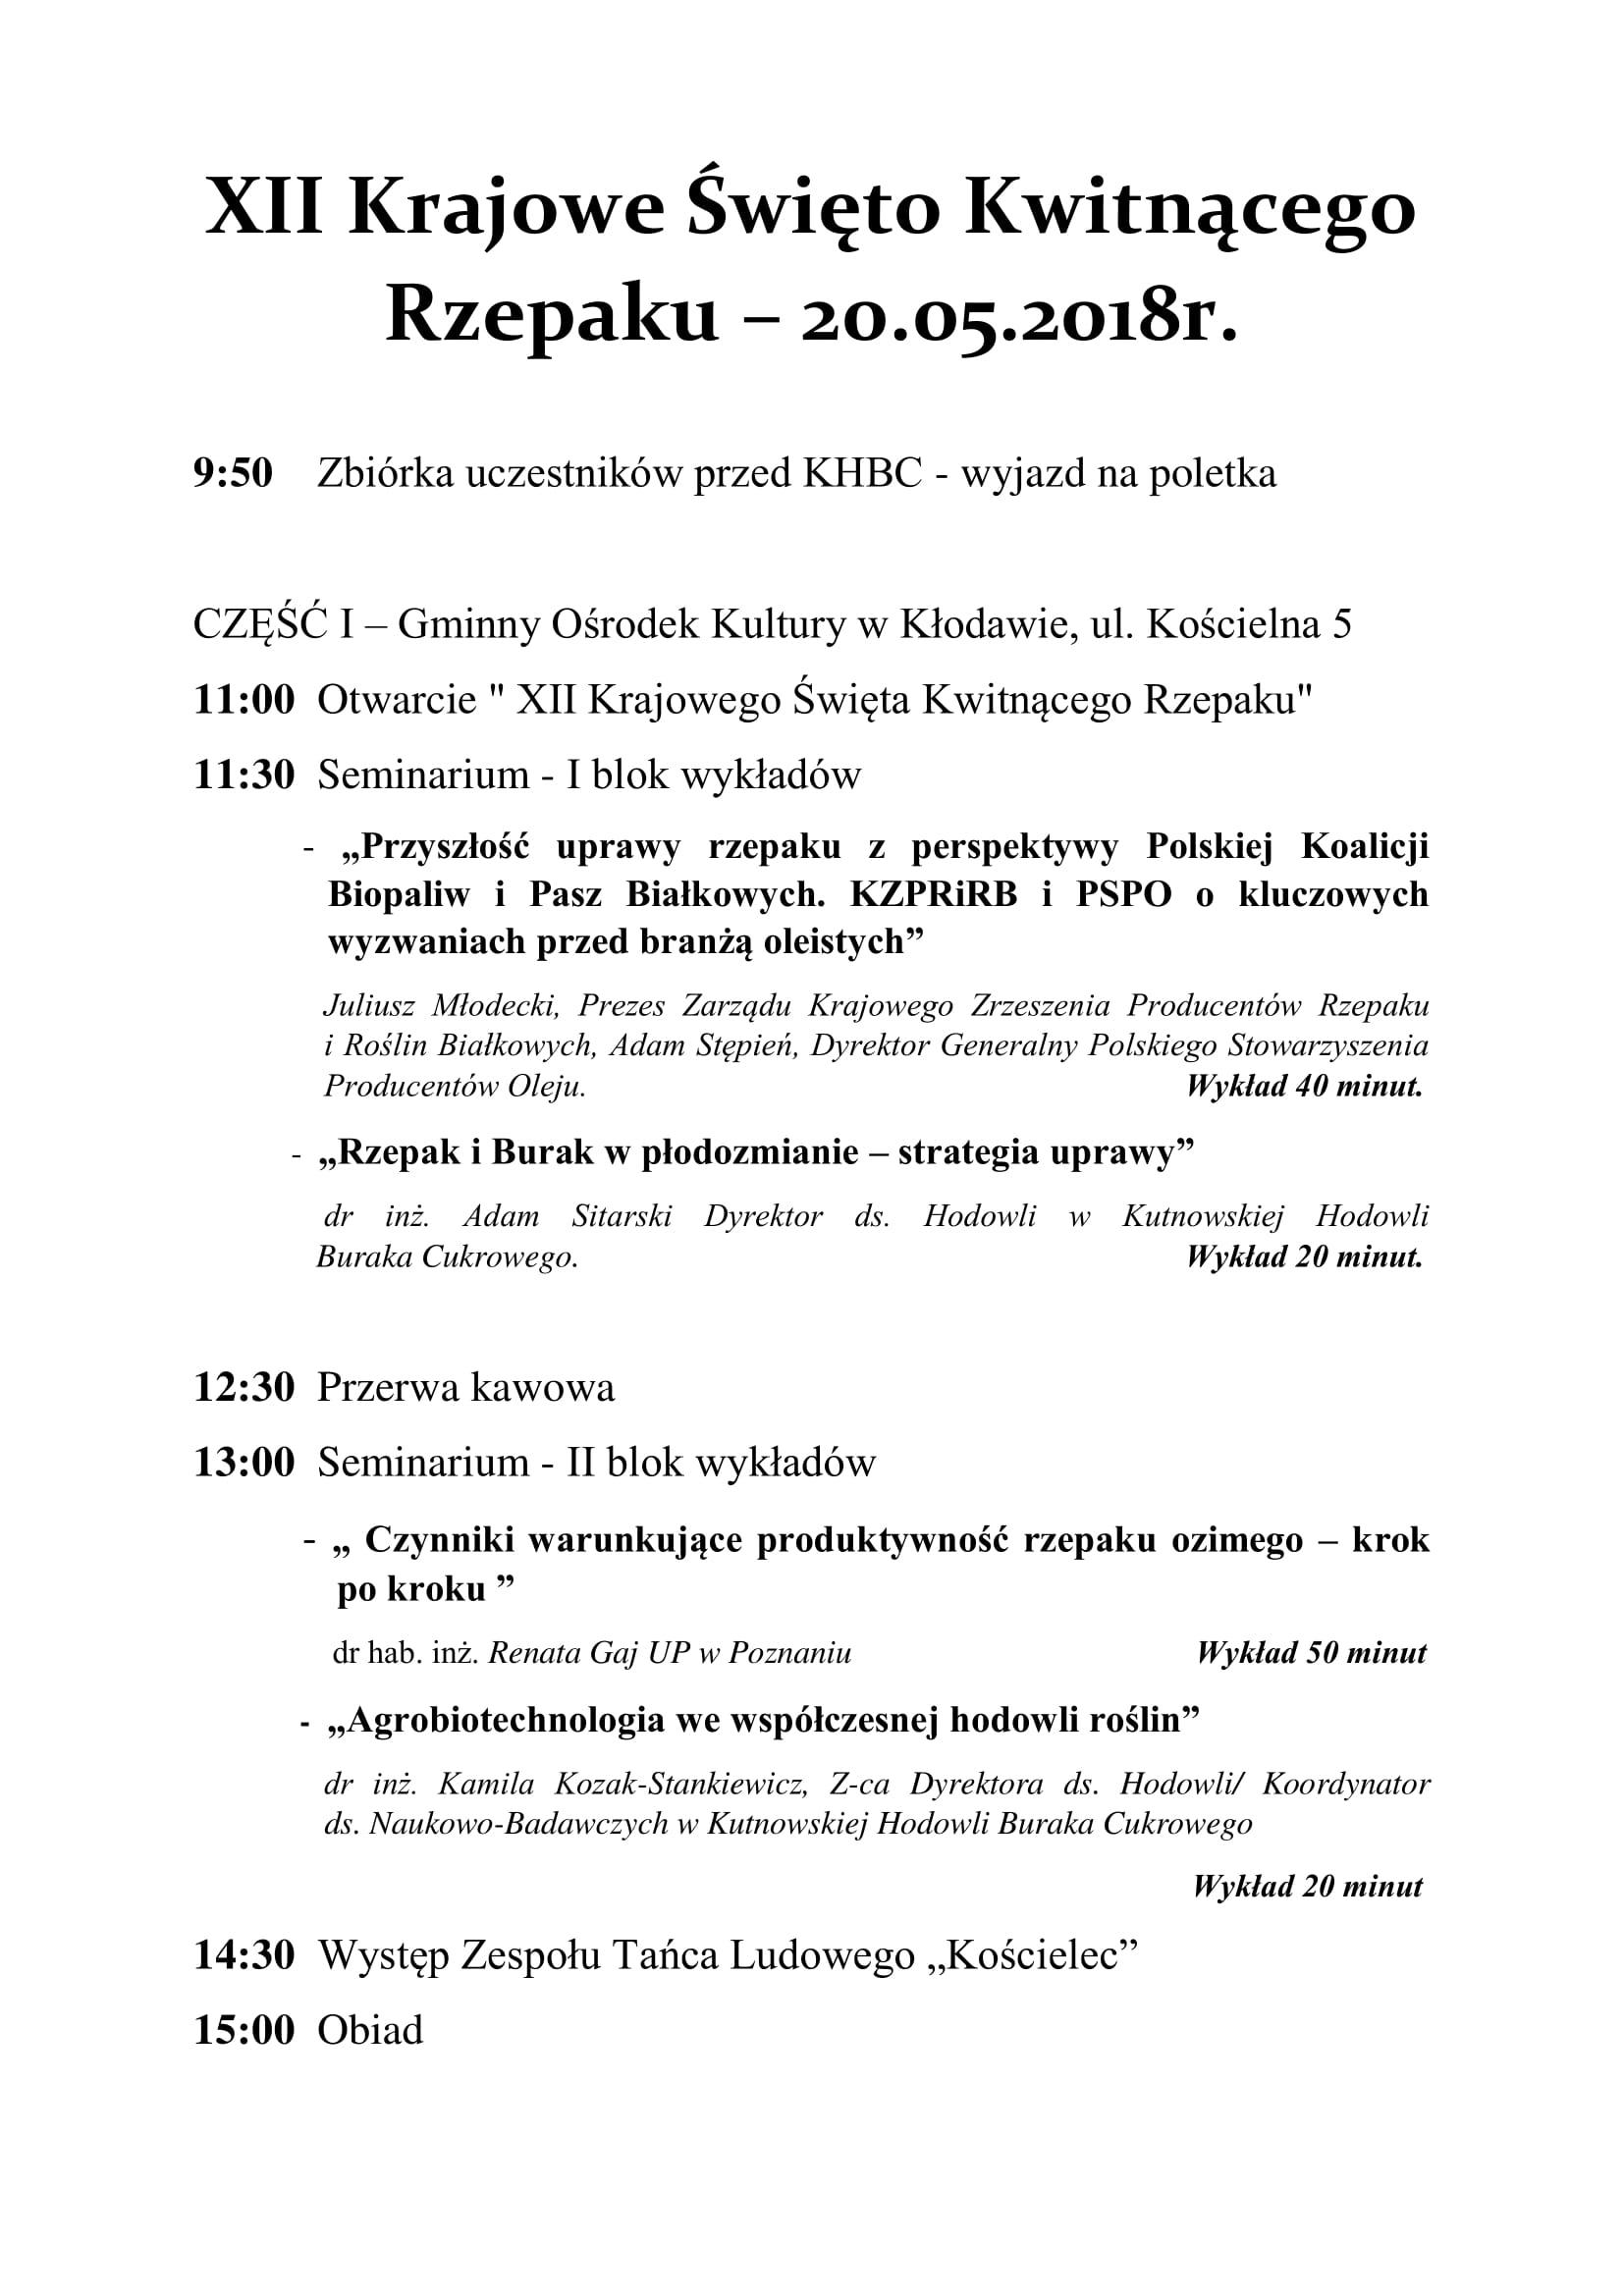 Program na XII Krajowe Święto Kwitnącego Rzepaku SEMINARIUM-1